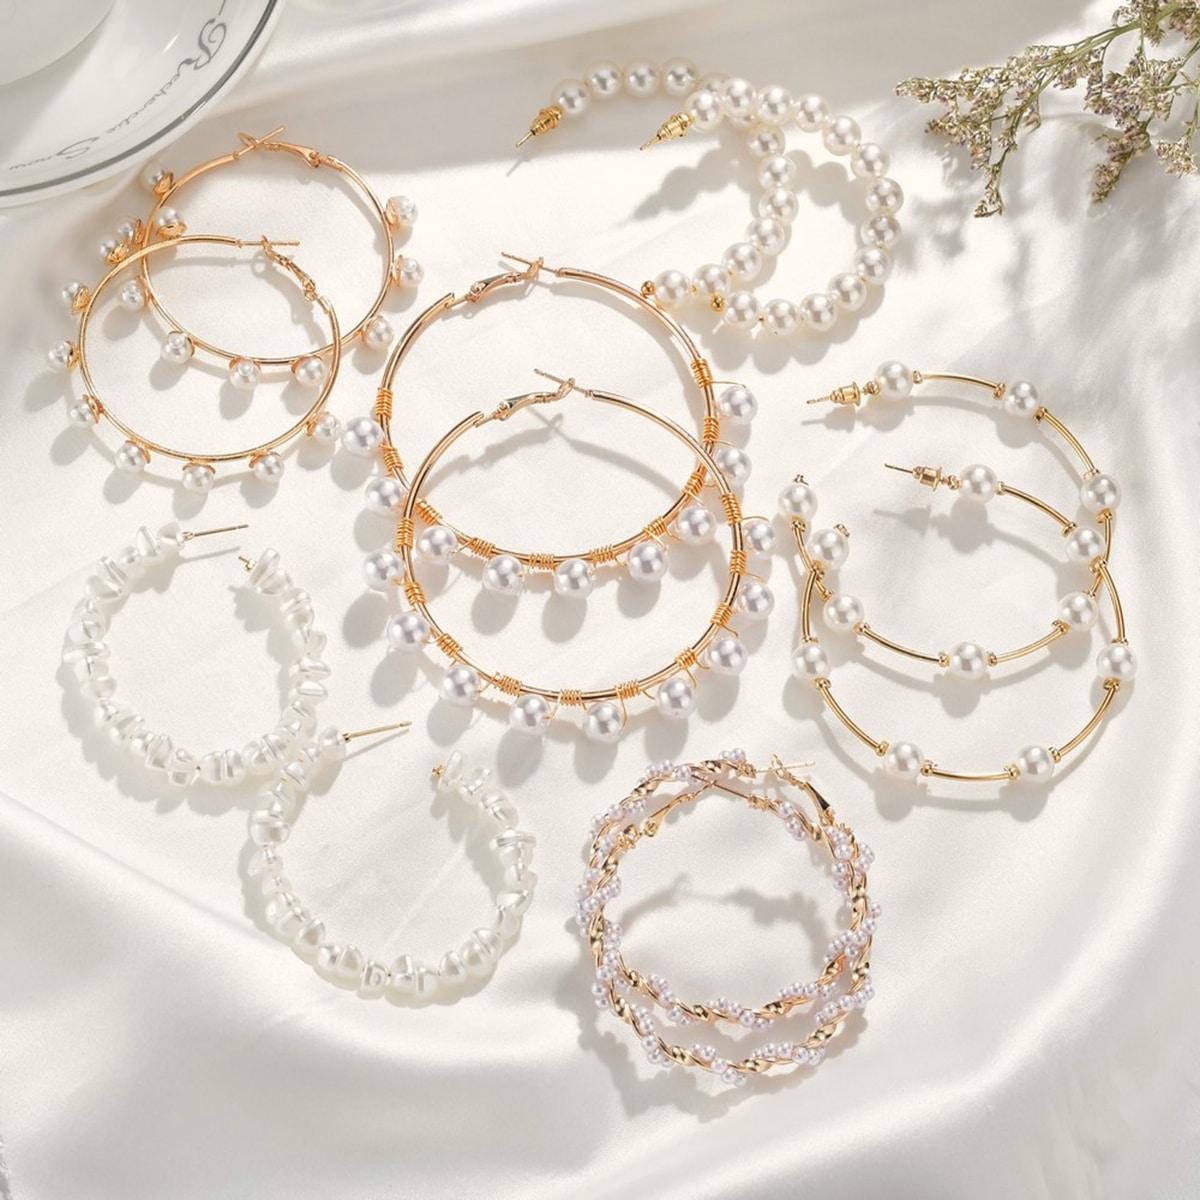 6pairs Pearl Decor Beaded Hoop Earrings